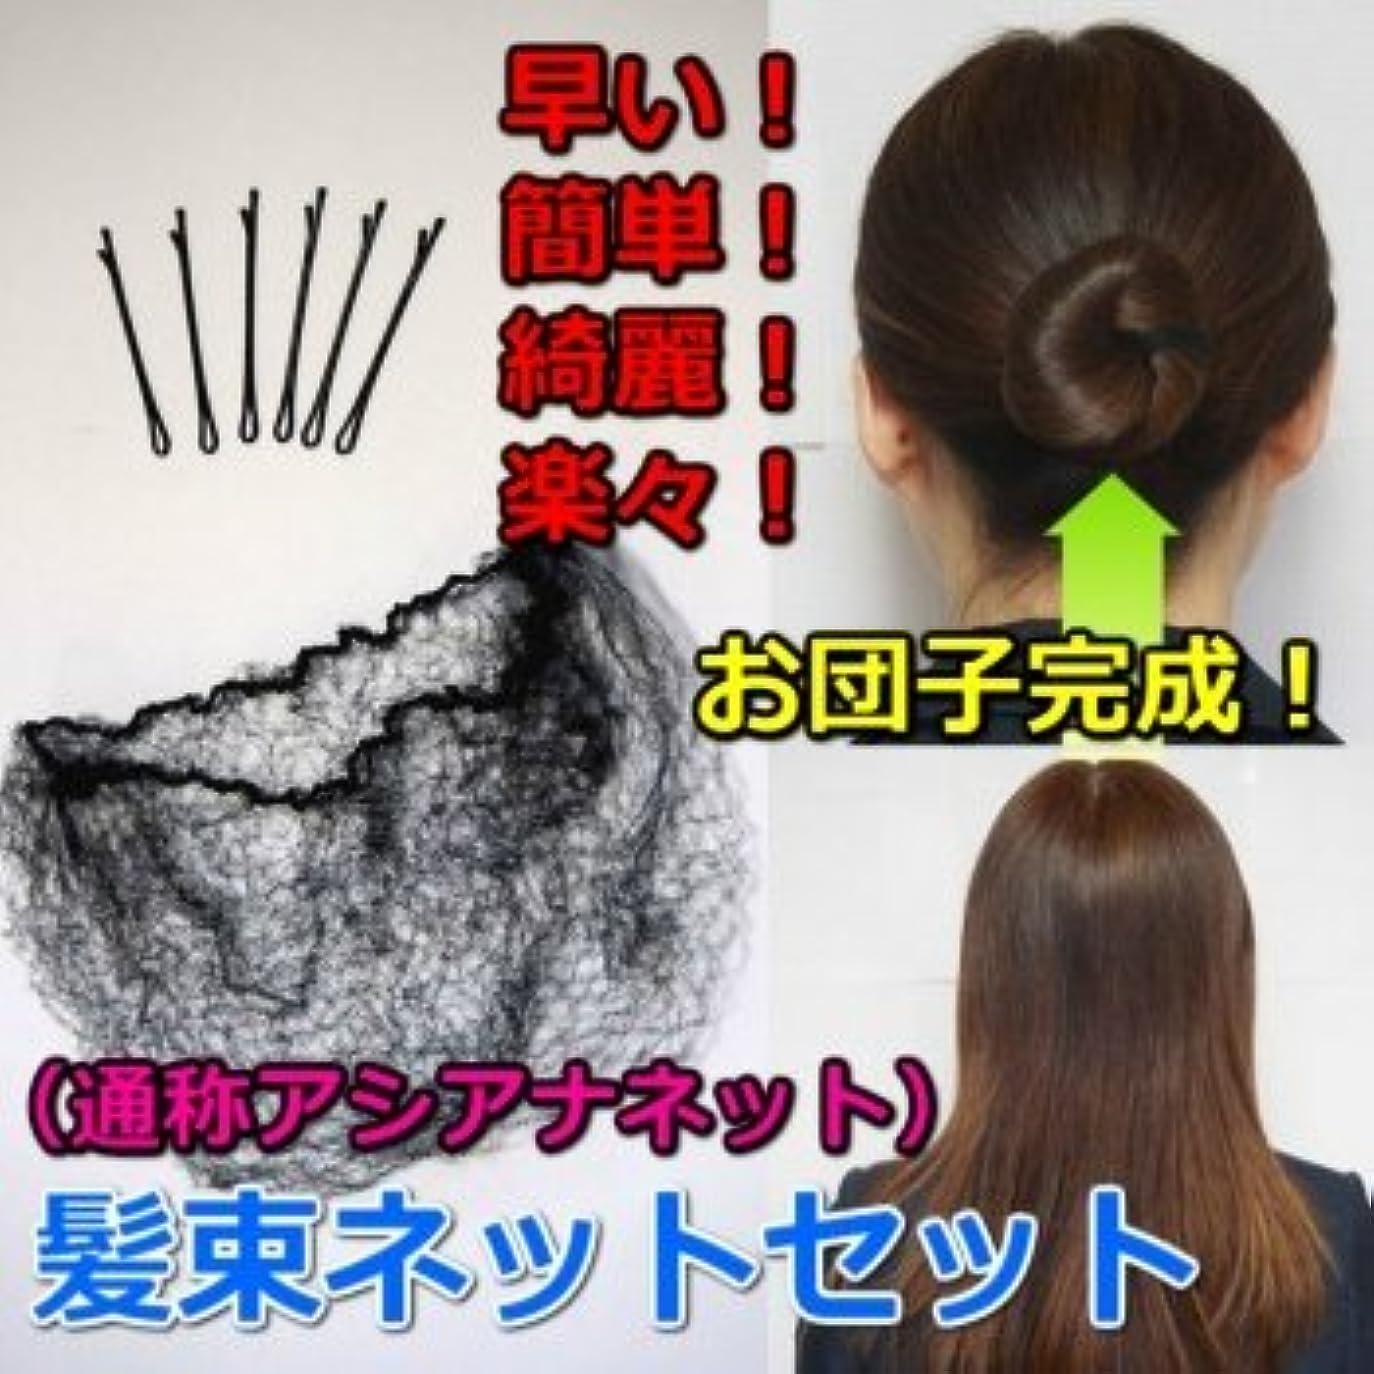 アシスト見るブレス髪束ねネットセット(アシアナネット) 50枚セット